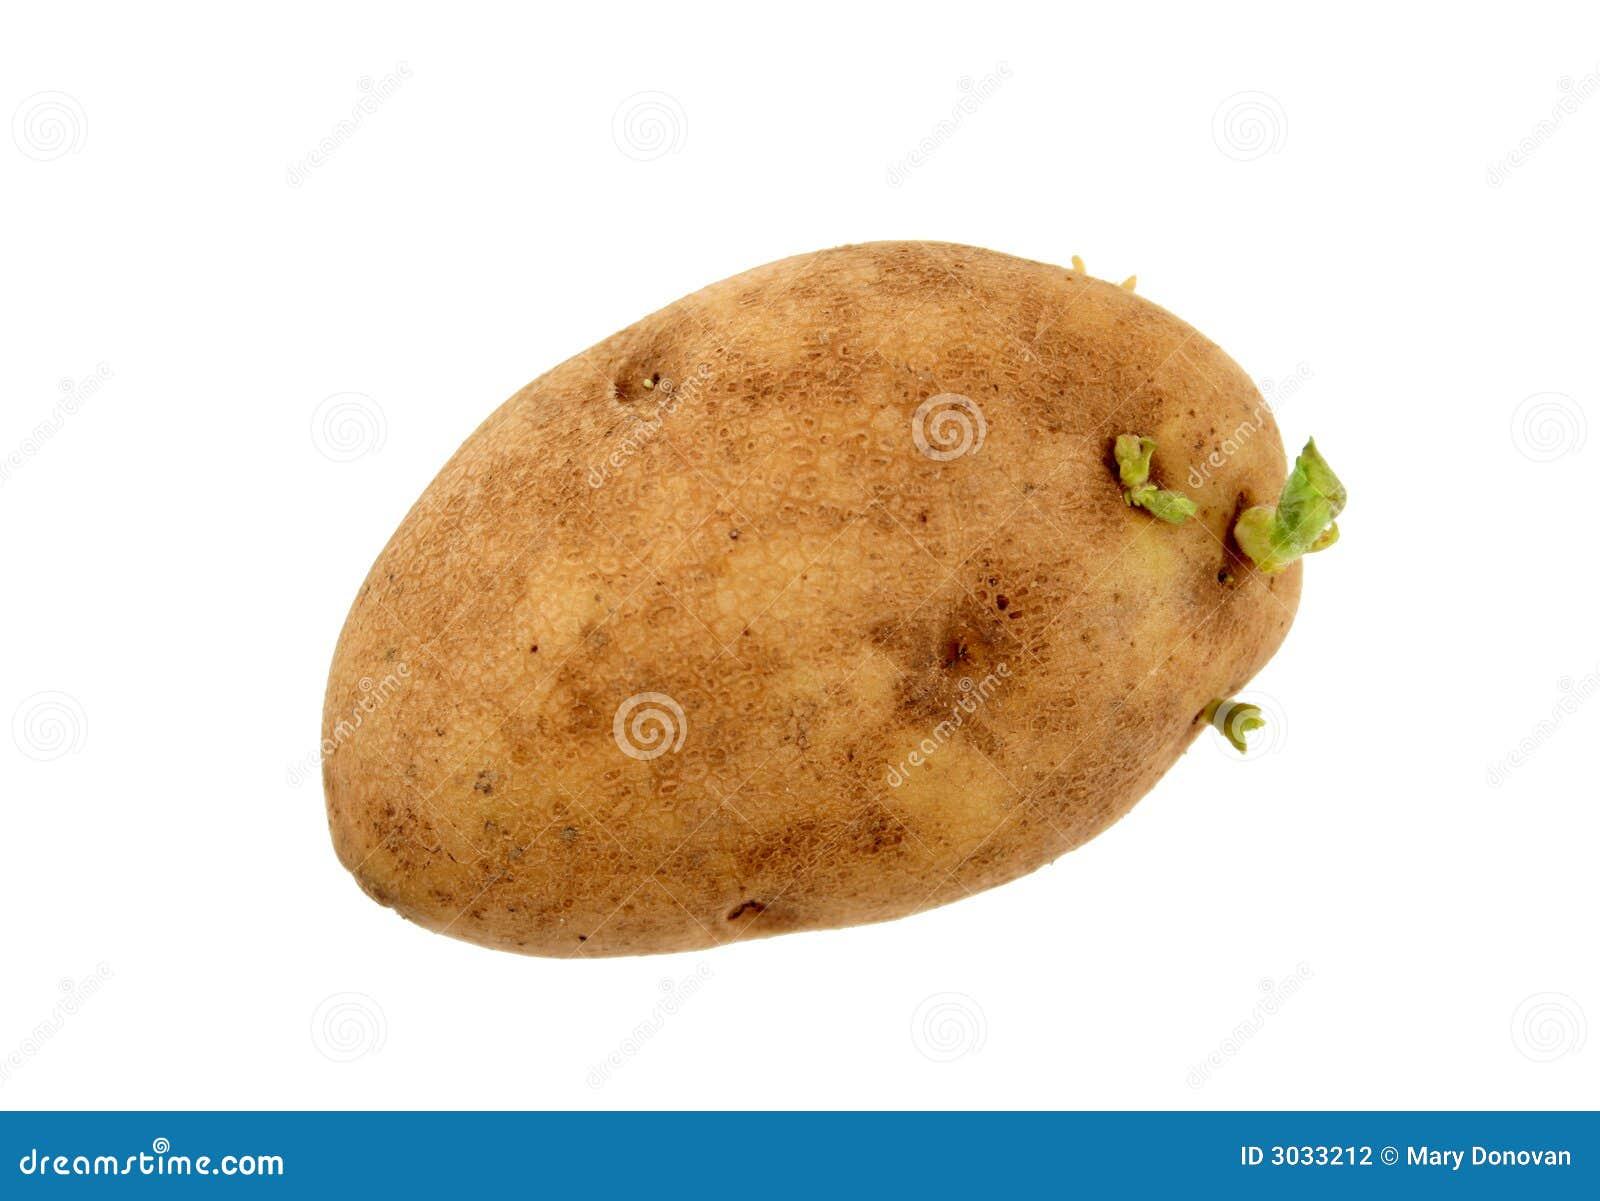 生长土豆新芽图片